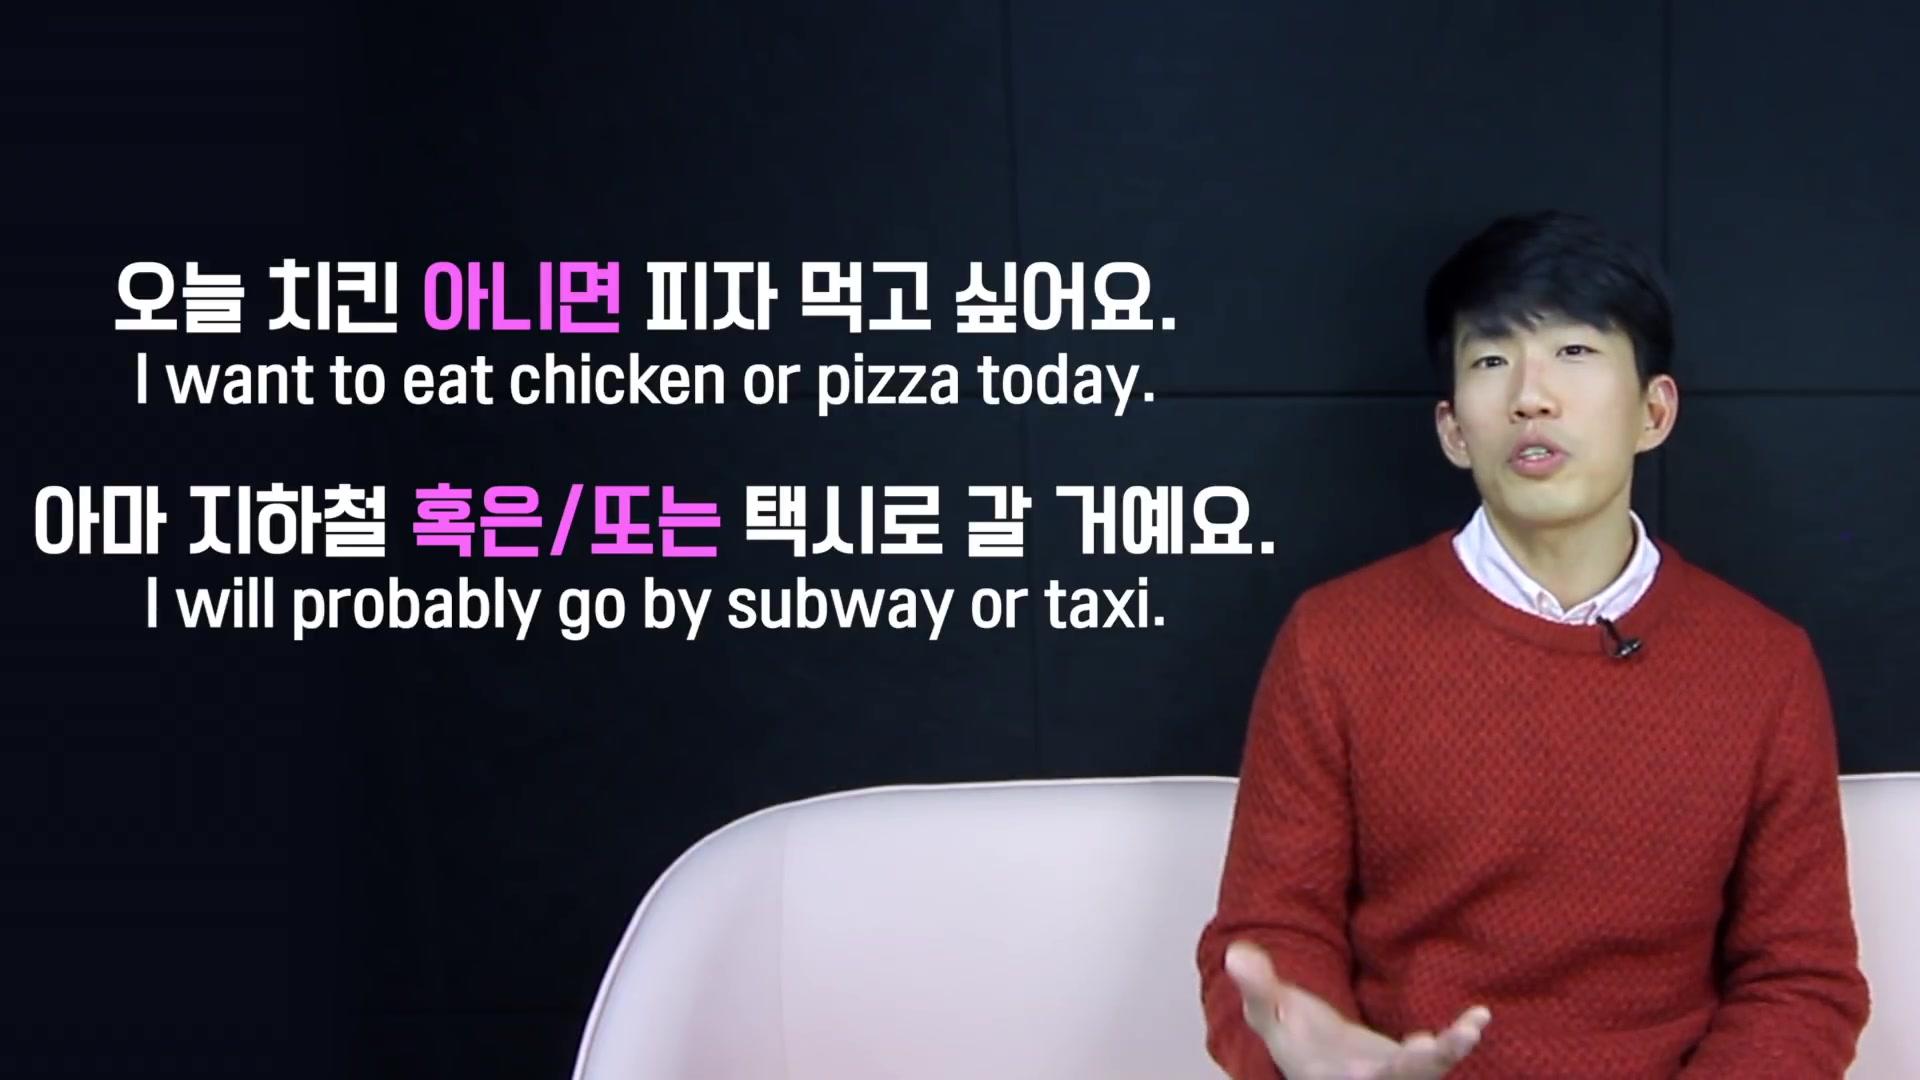 TalkToMeInKorean Episode 121: Korean Q&A: How Do You Say 'Or' in Korean?